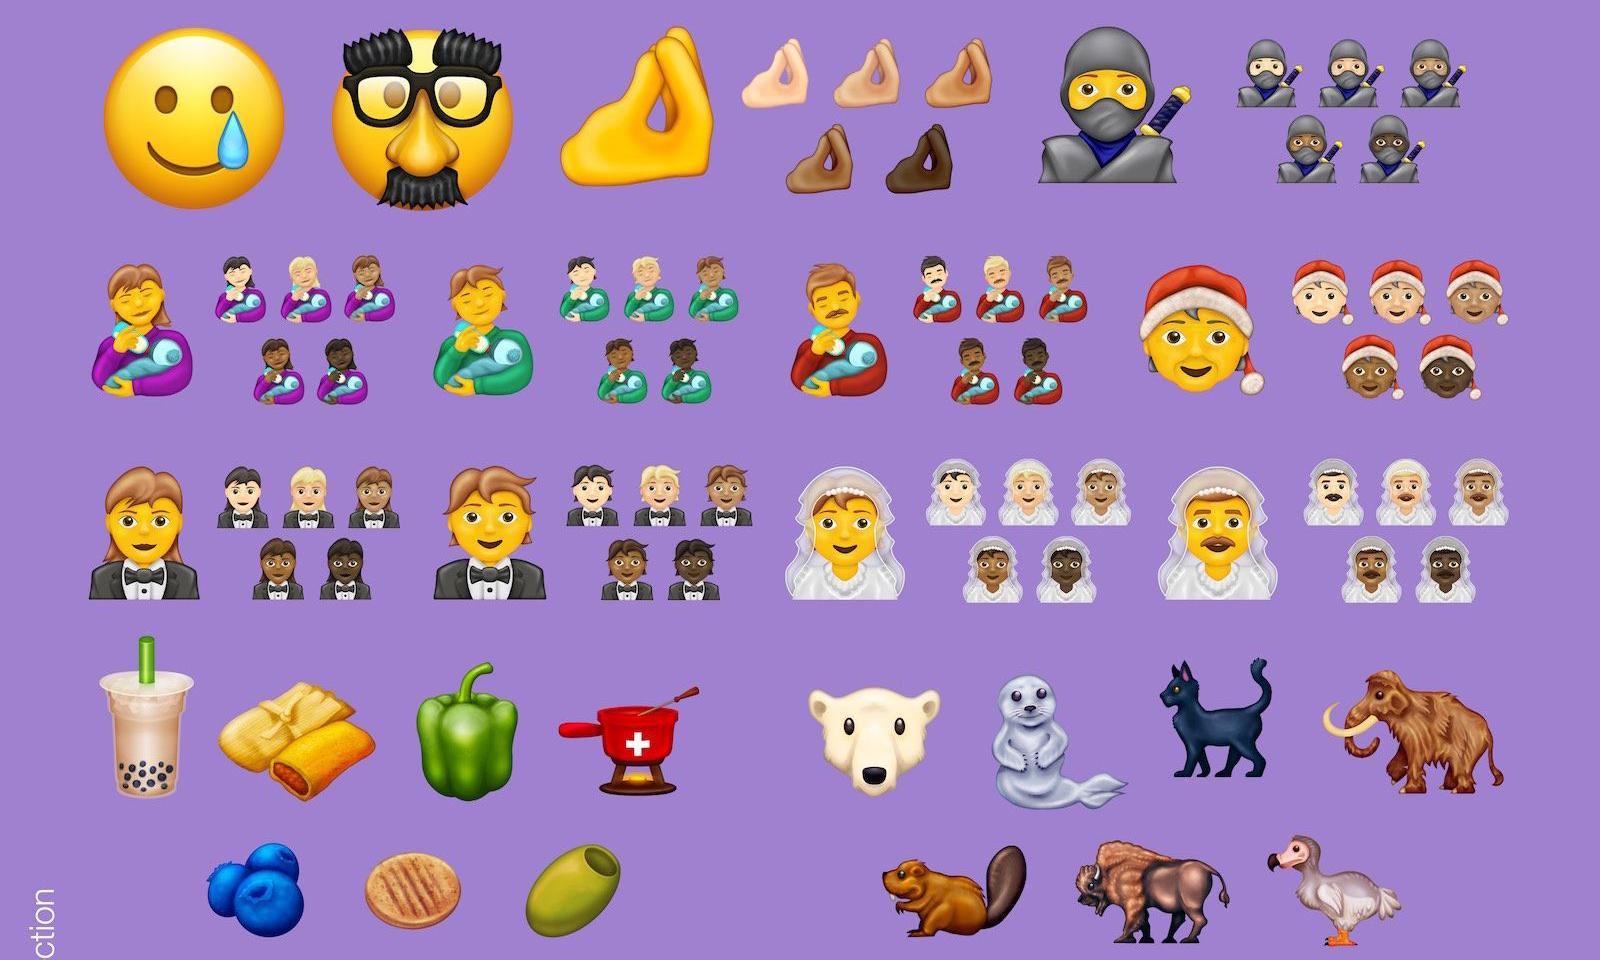 又有新图案,2020 年全新 emoji 抢先看